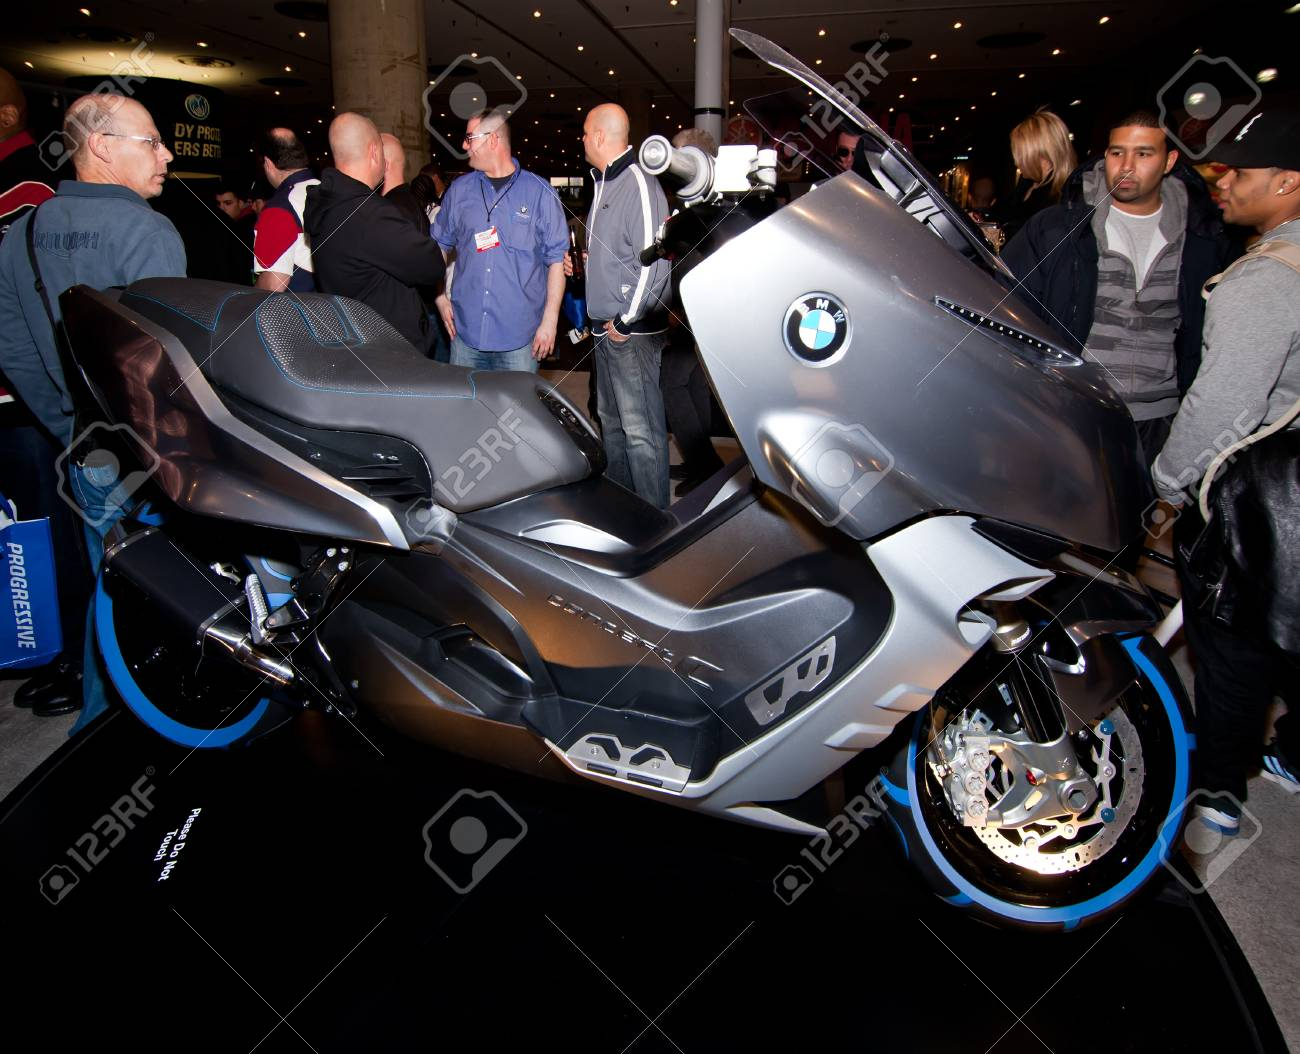 Manhattan bmw motorcycle